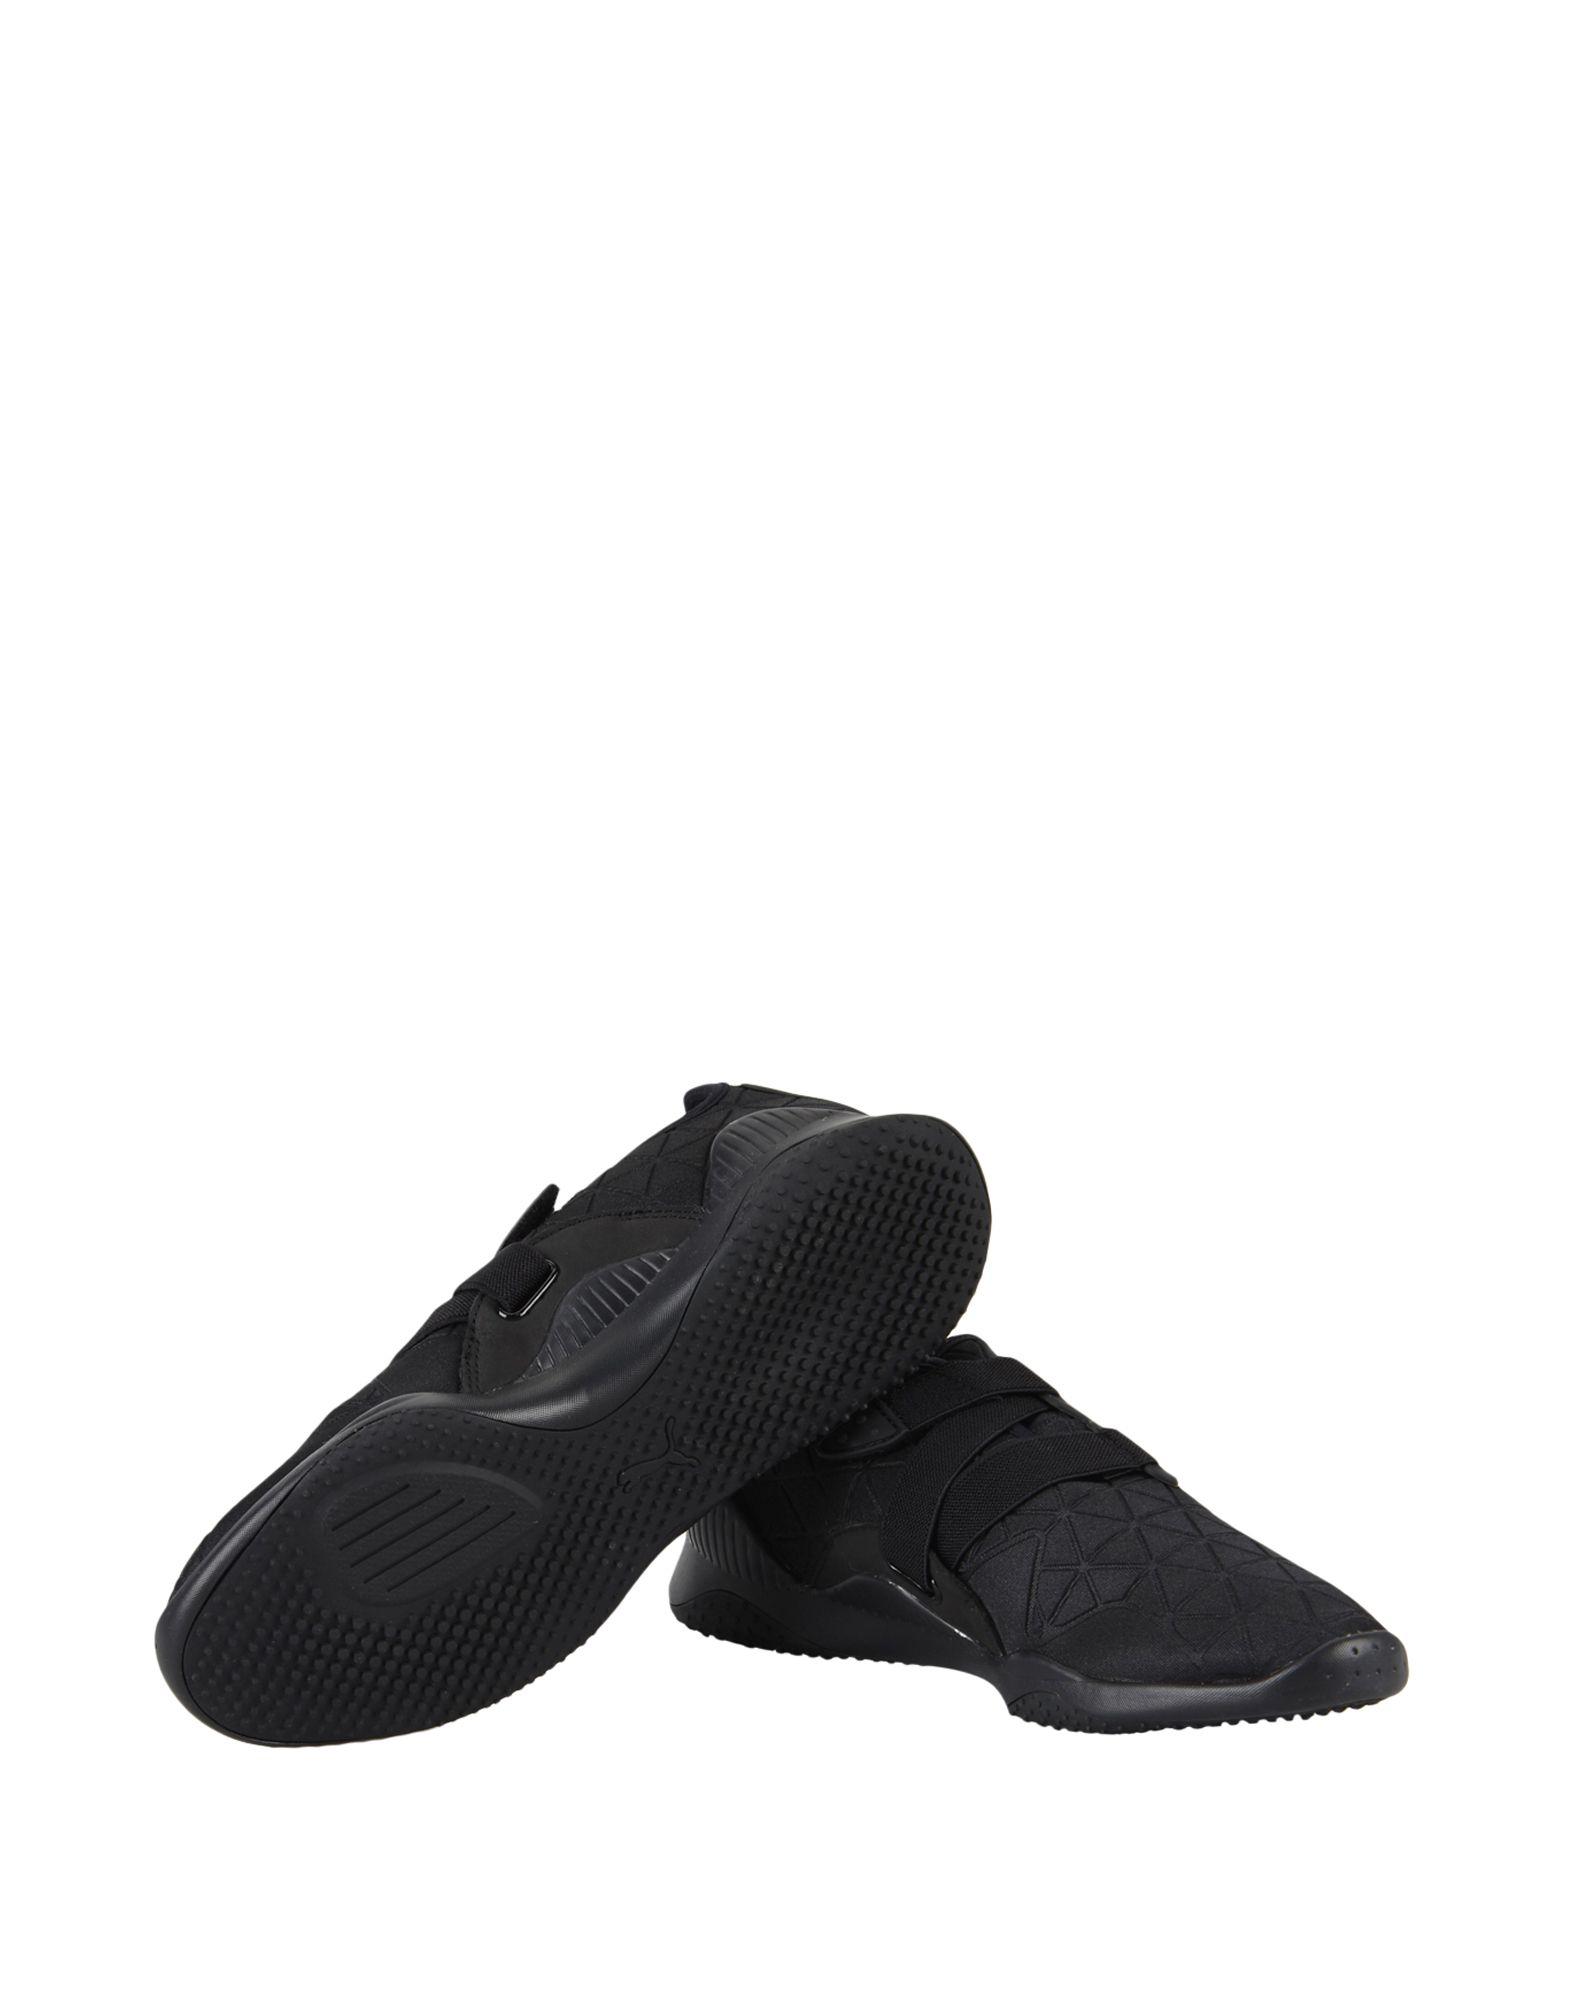 Stilvolle Lfw billige Schuhe Puma Mostro Lfw Stilvolle  11212933VI 1ccbf9